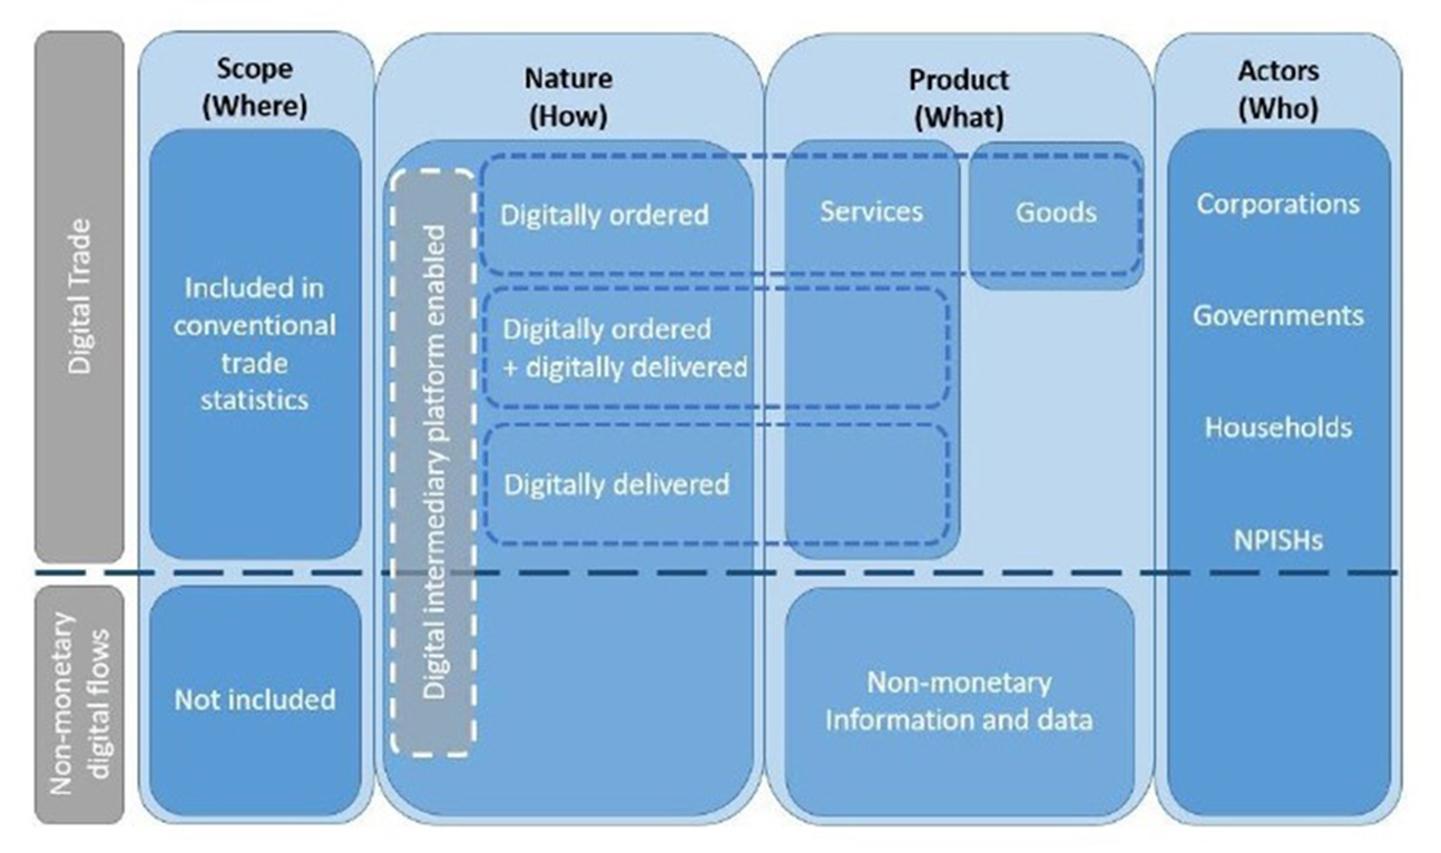 The conceptual framework for digital trade